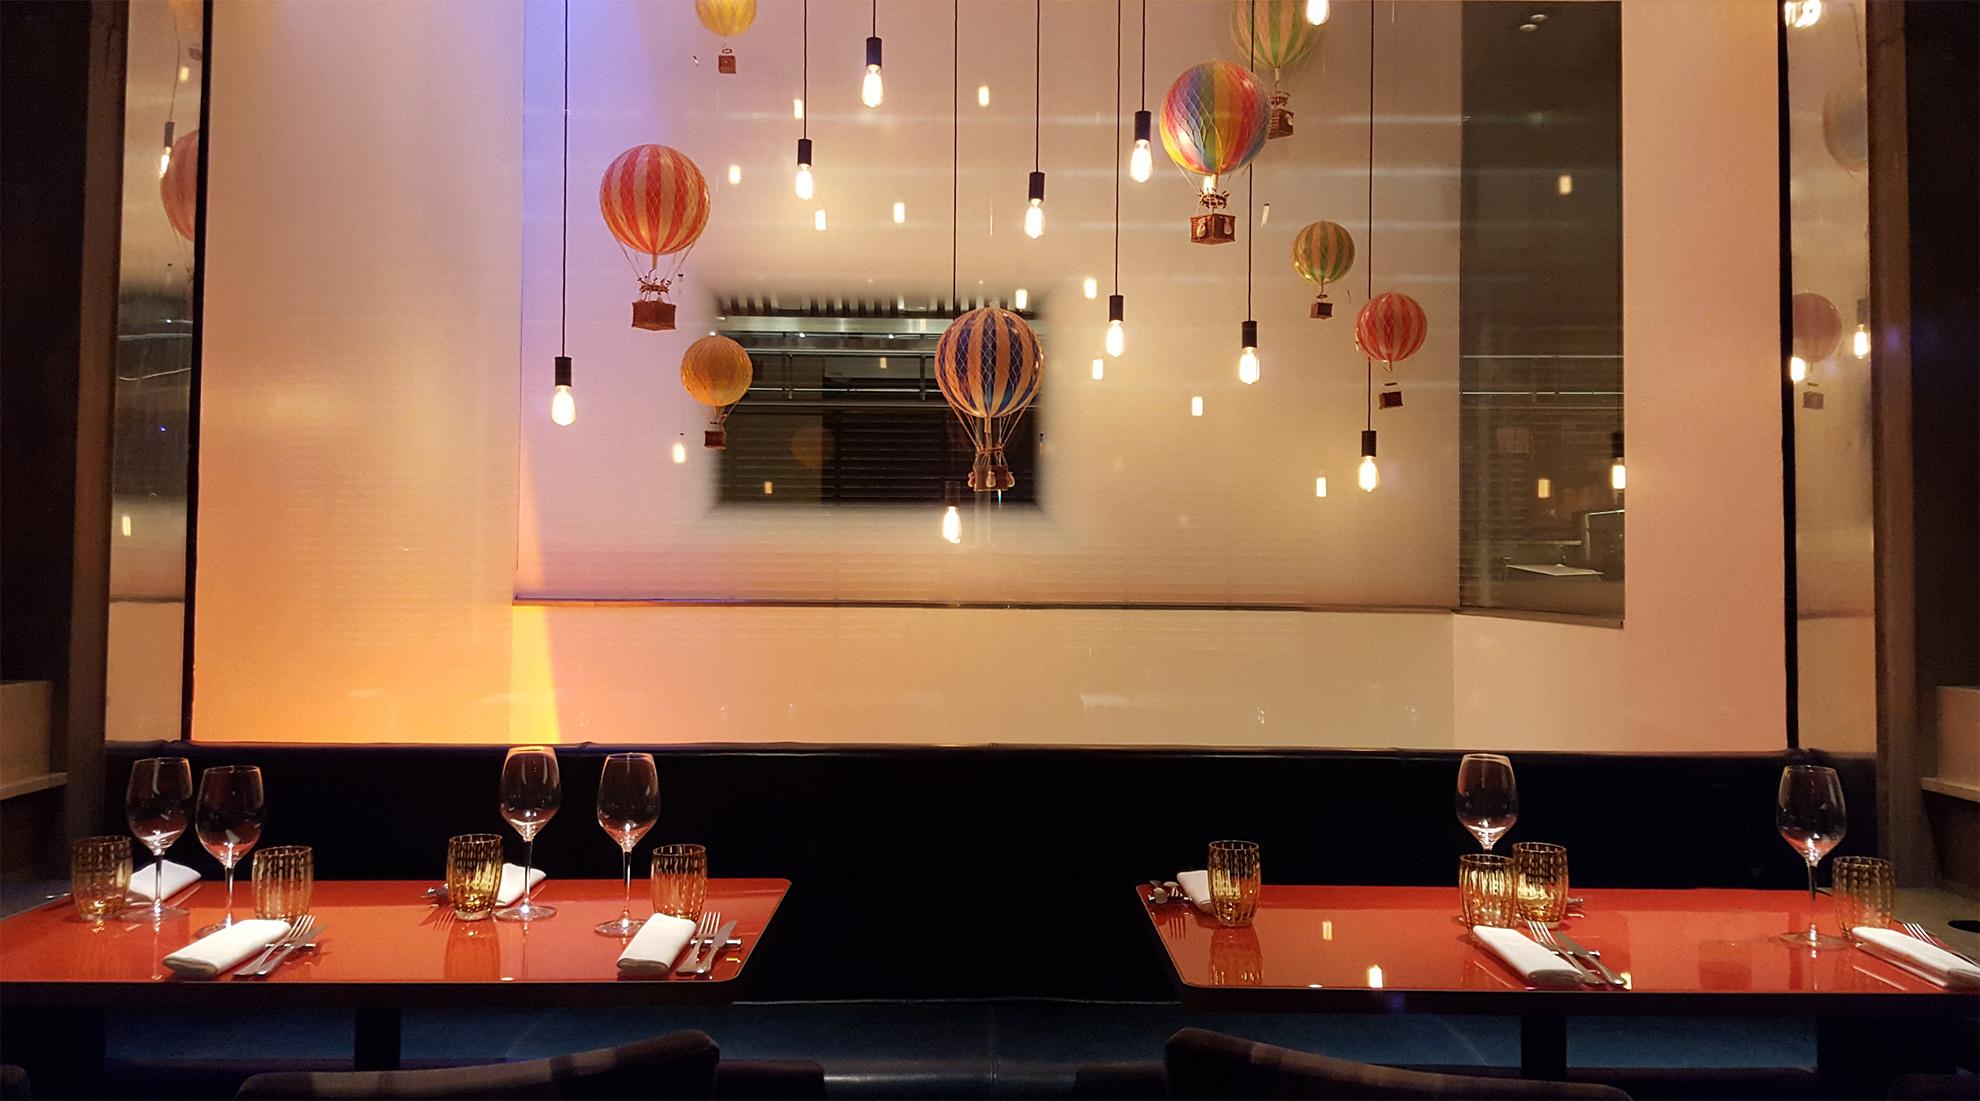 Nuova luce per il Ristorante Langosteria Cafè a Milano - Cannata Factory